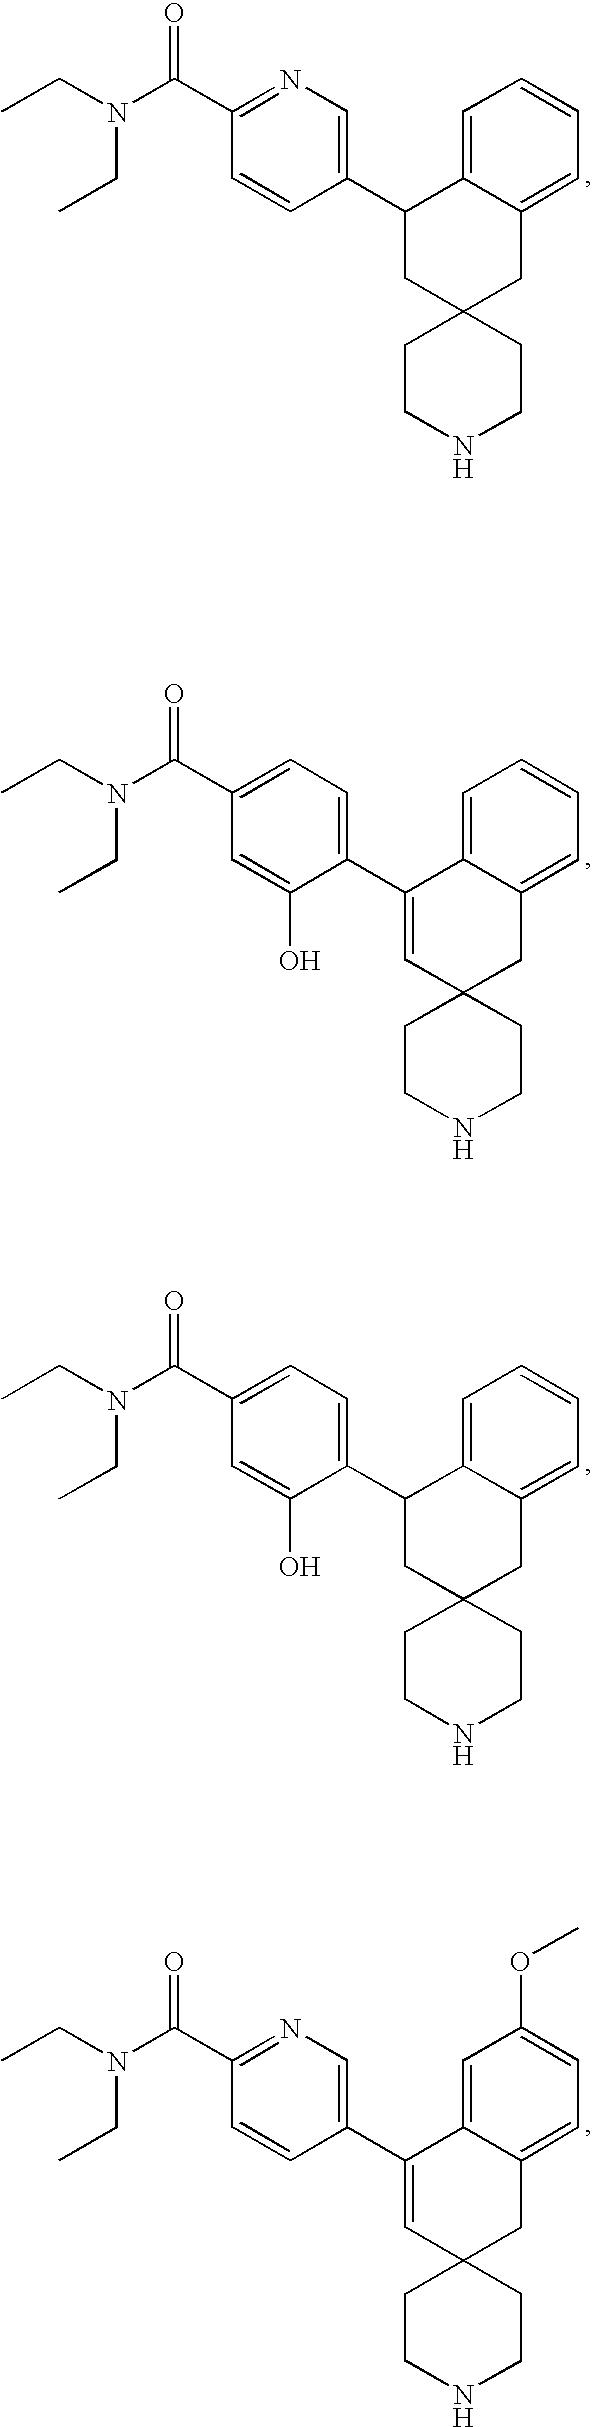 Figure US07598261-20091006-C00057